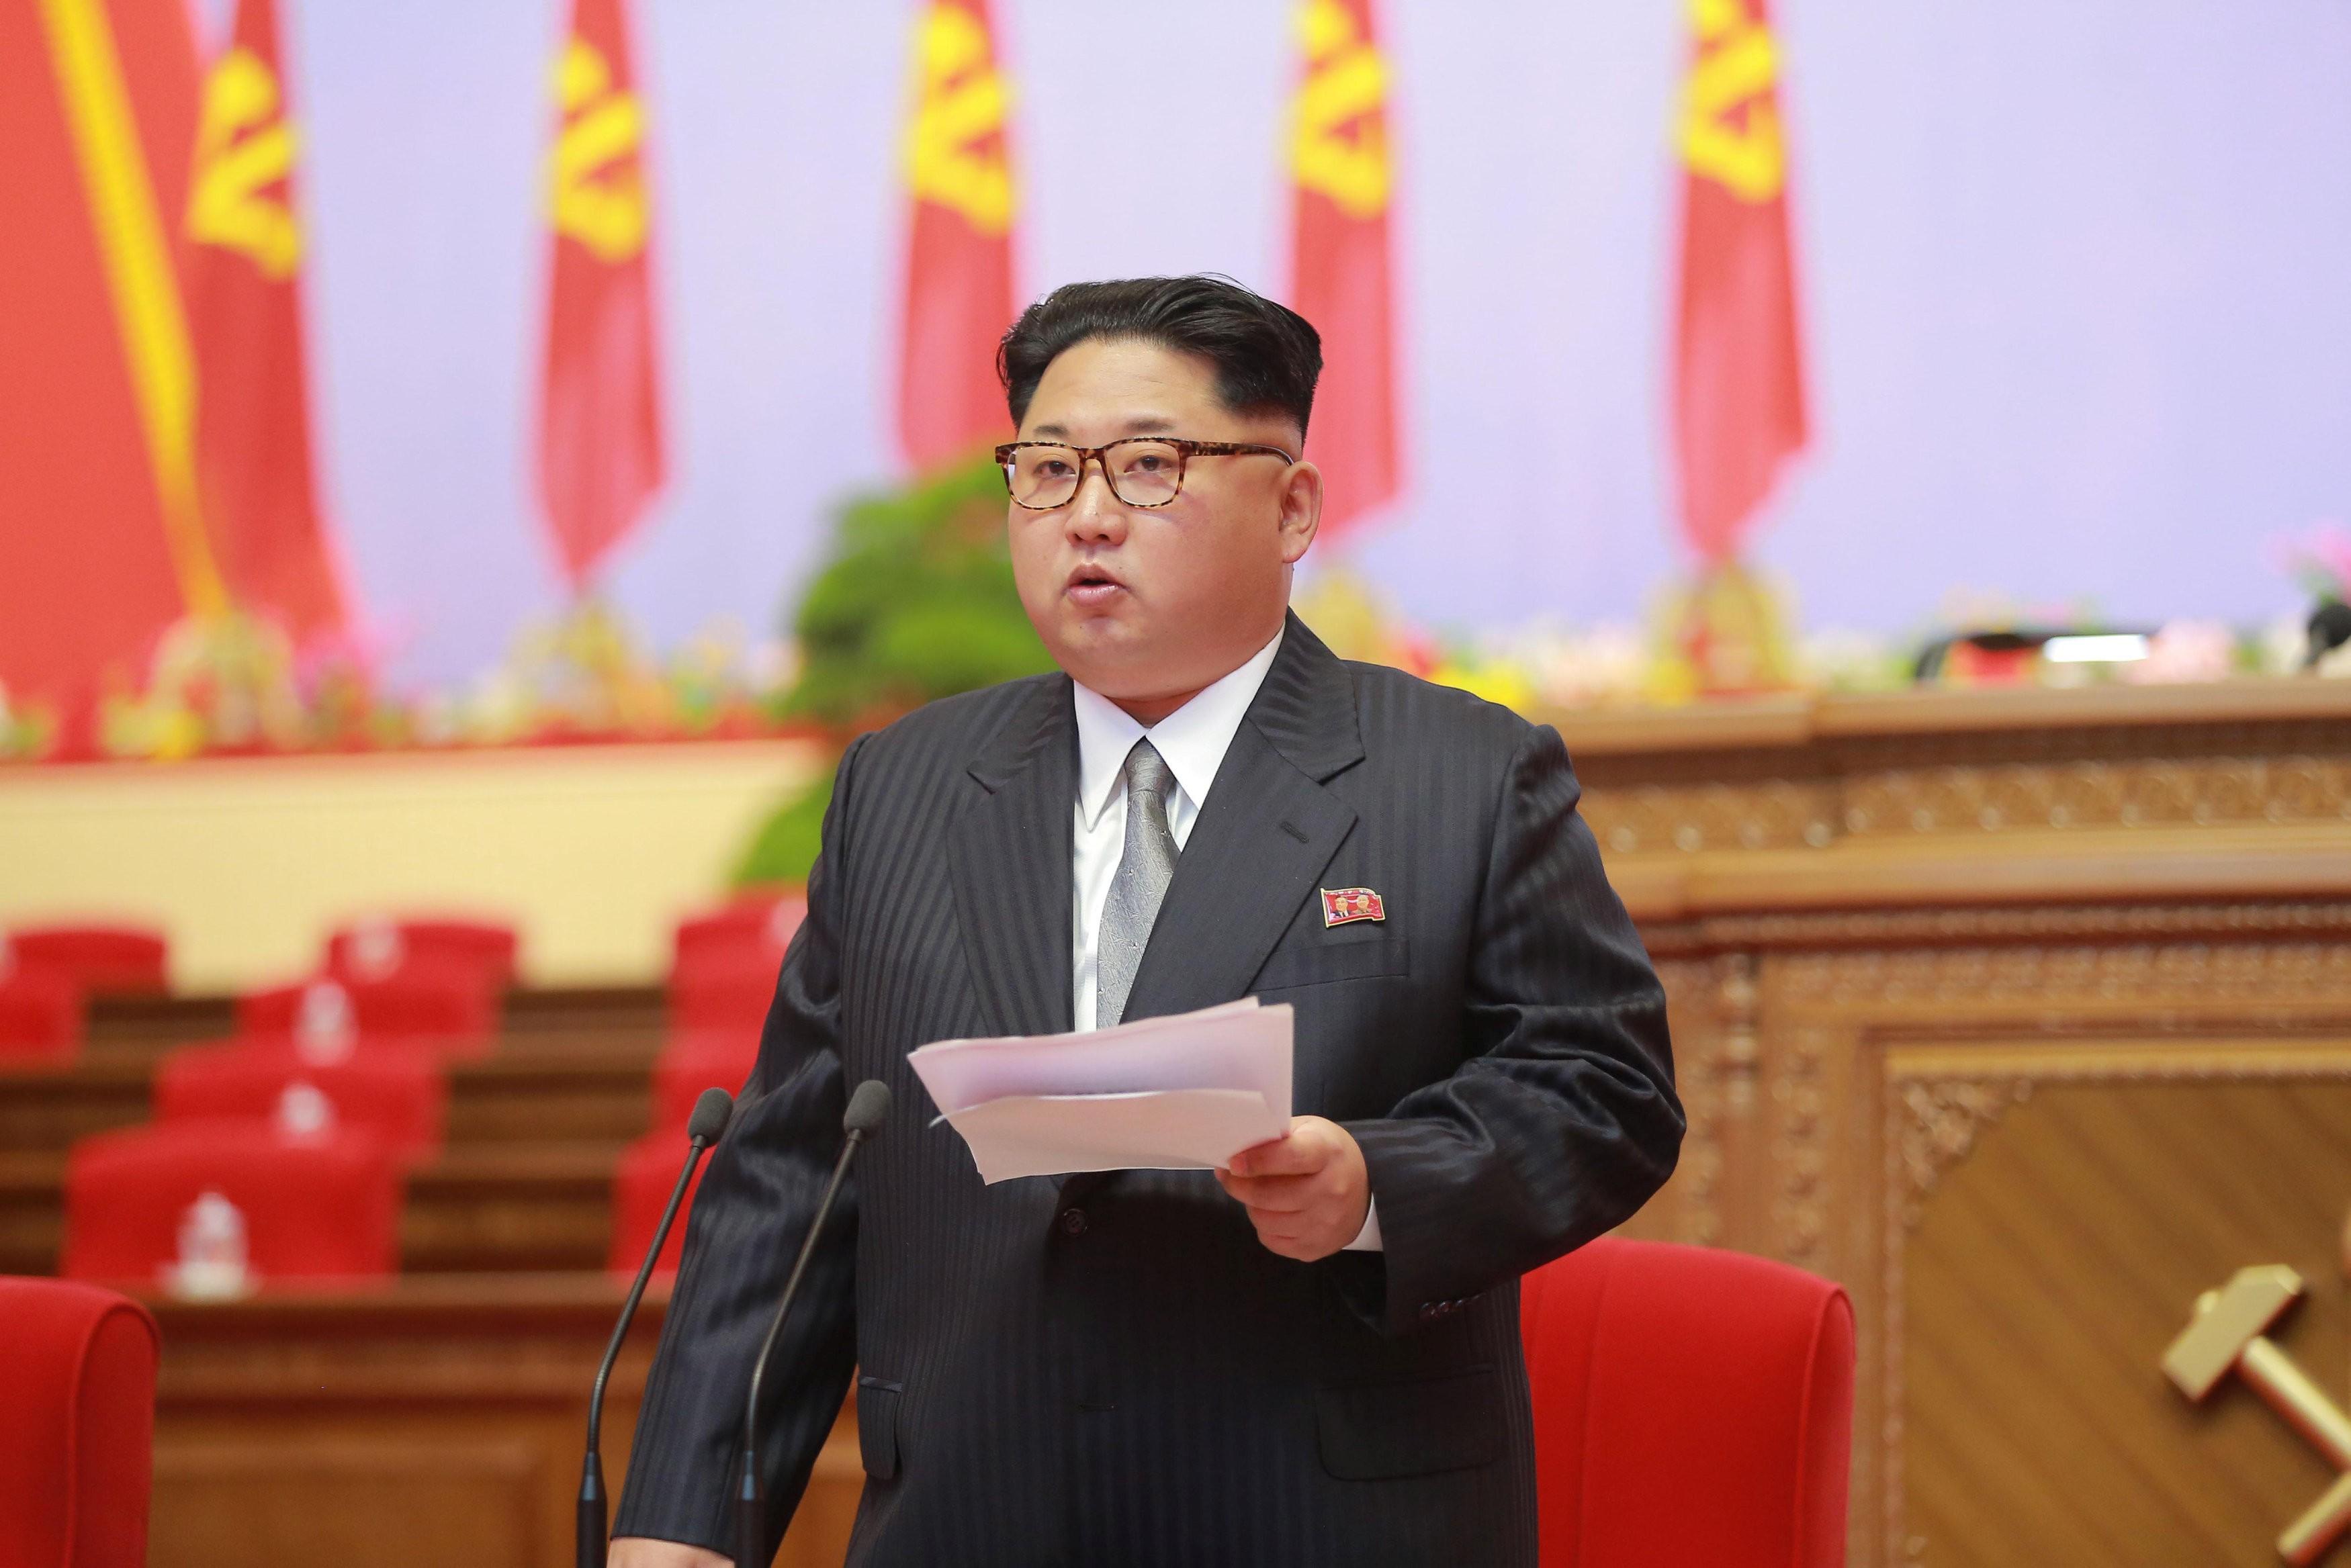 الإعدام عقوبة مشاهدة قناة تلفزيونية في كوريا الشمالية